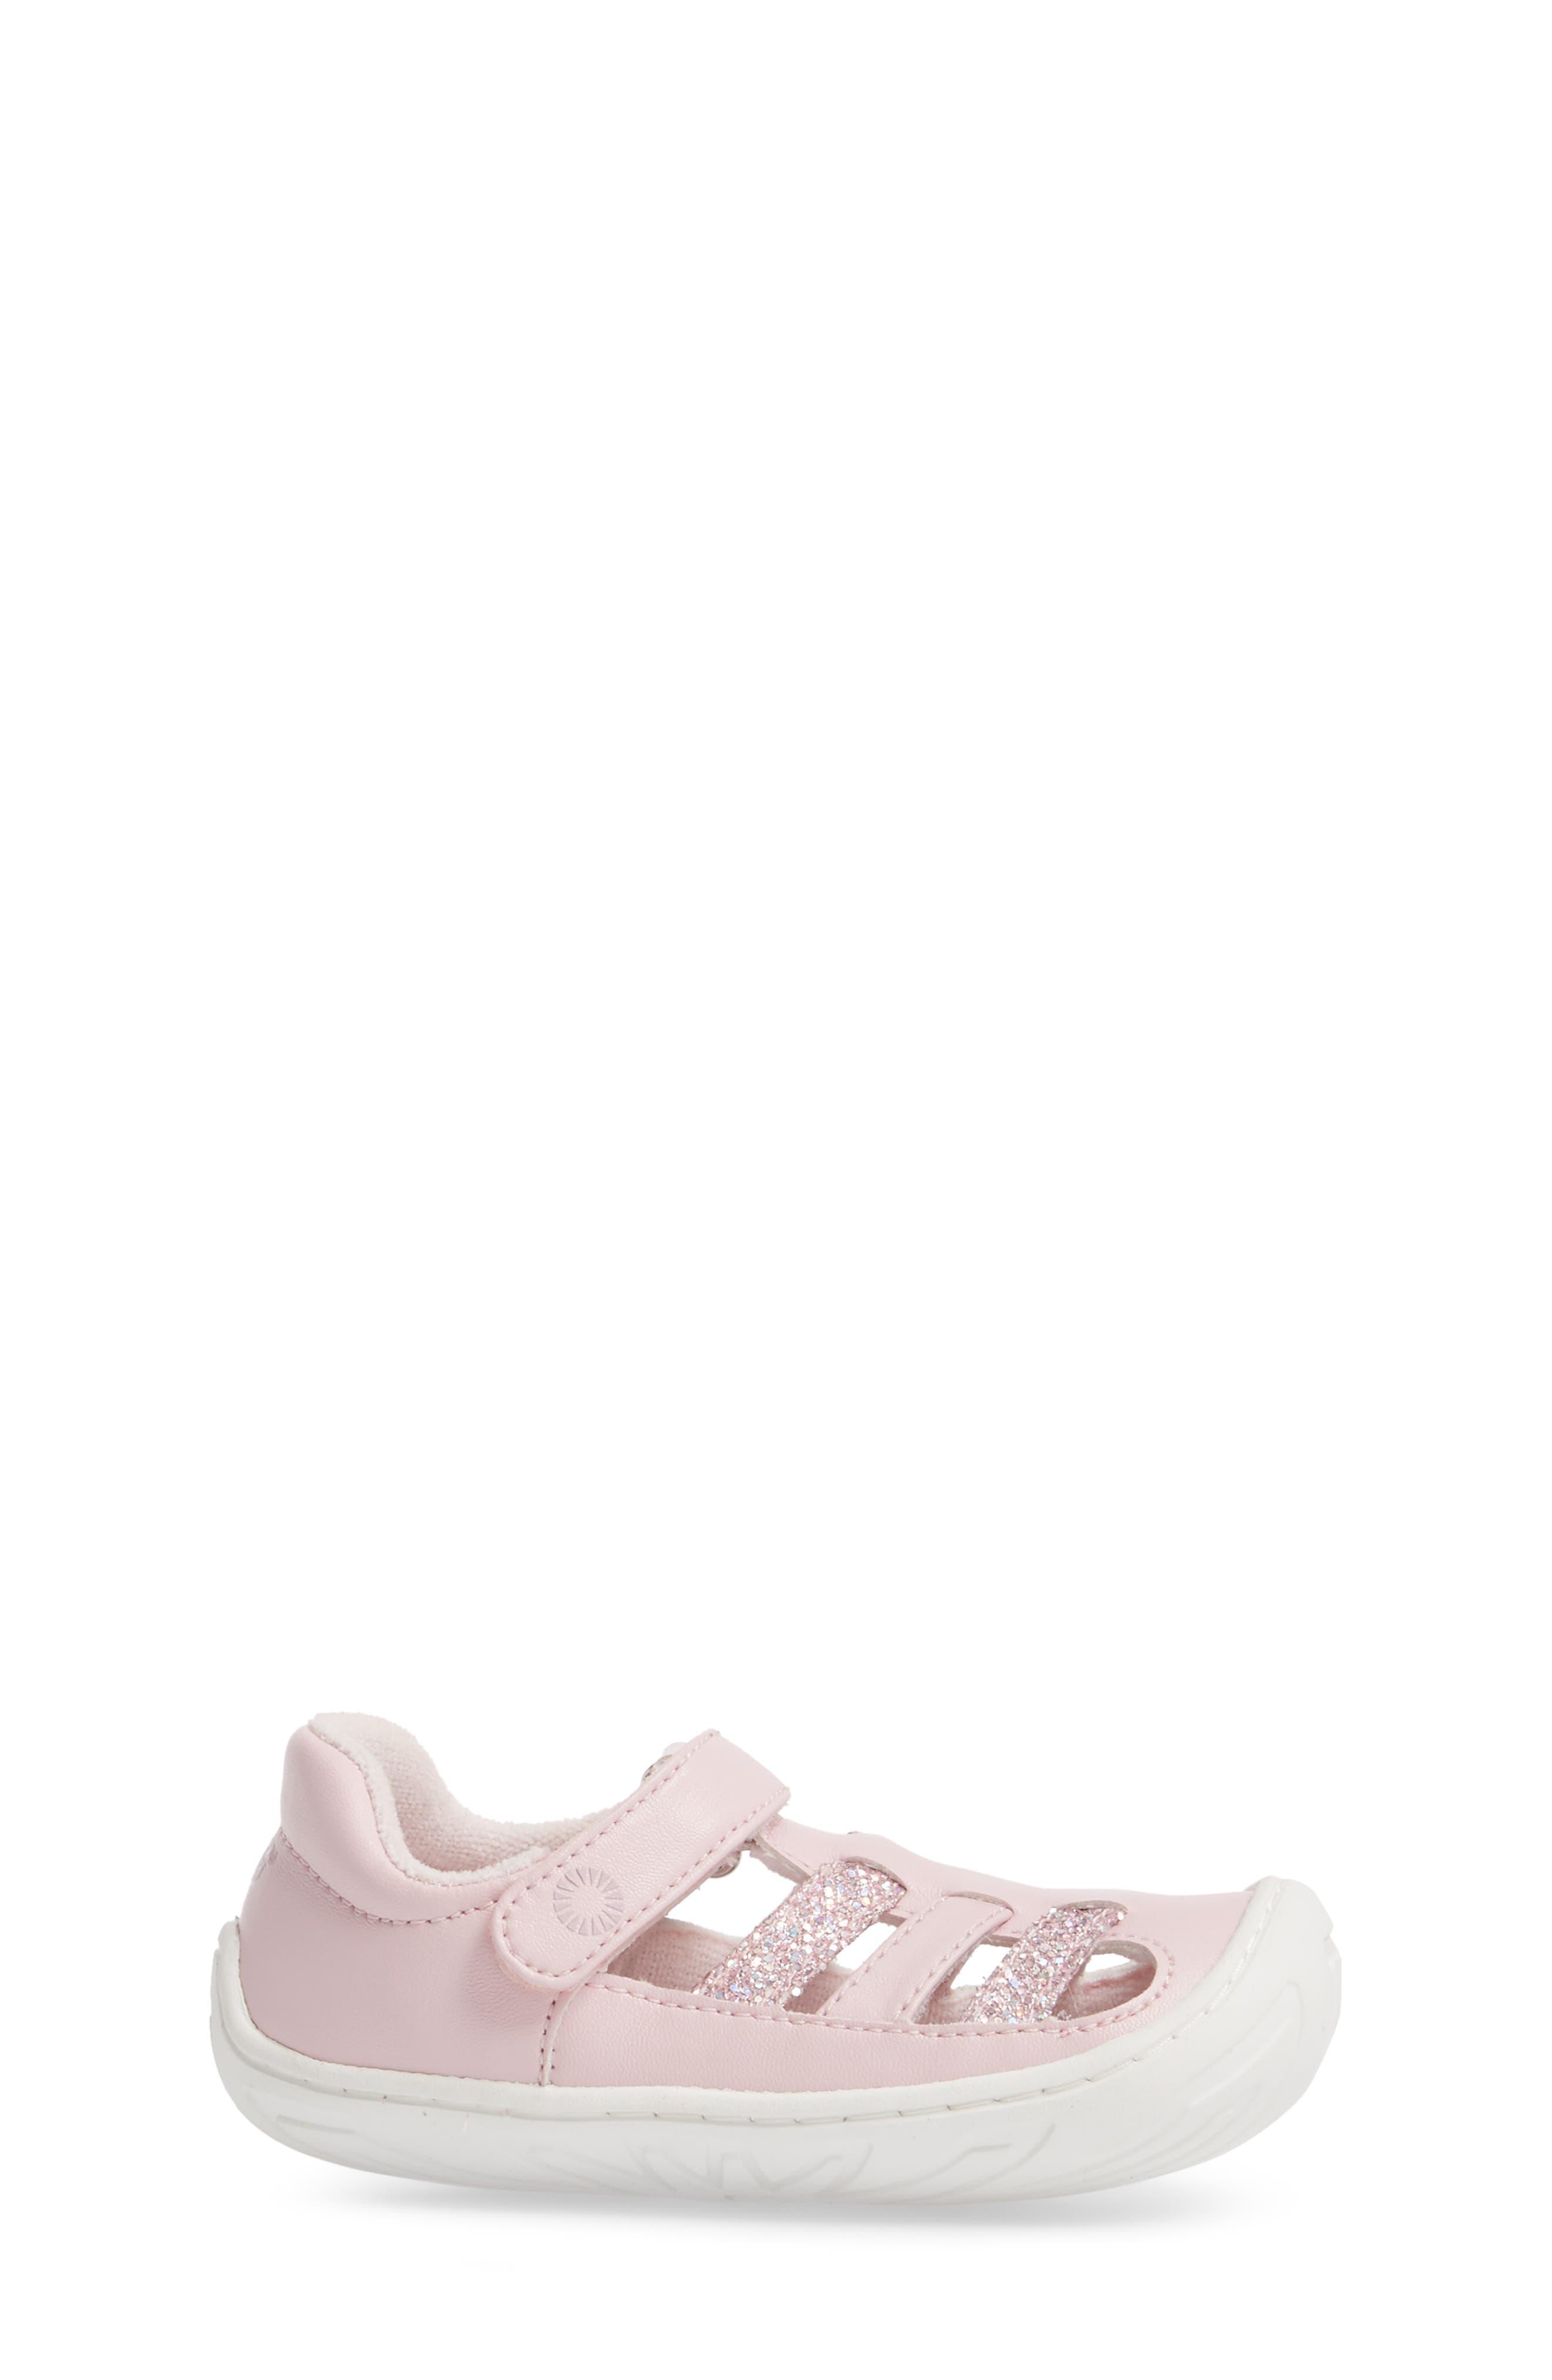 Santore Glitter Sandal,                             Alternate thumbnail 3, color,                             Seashell Pink